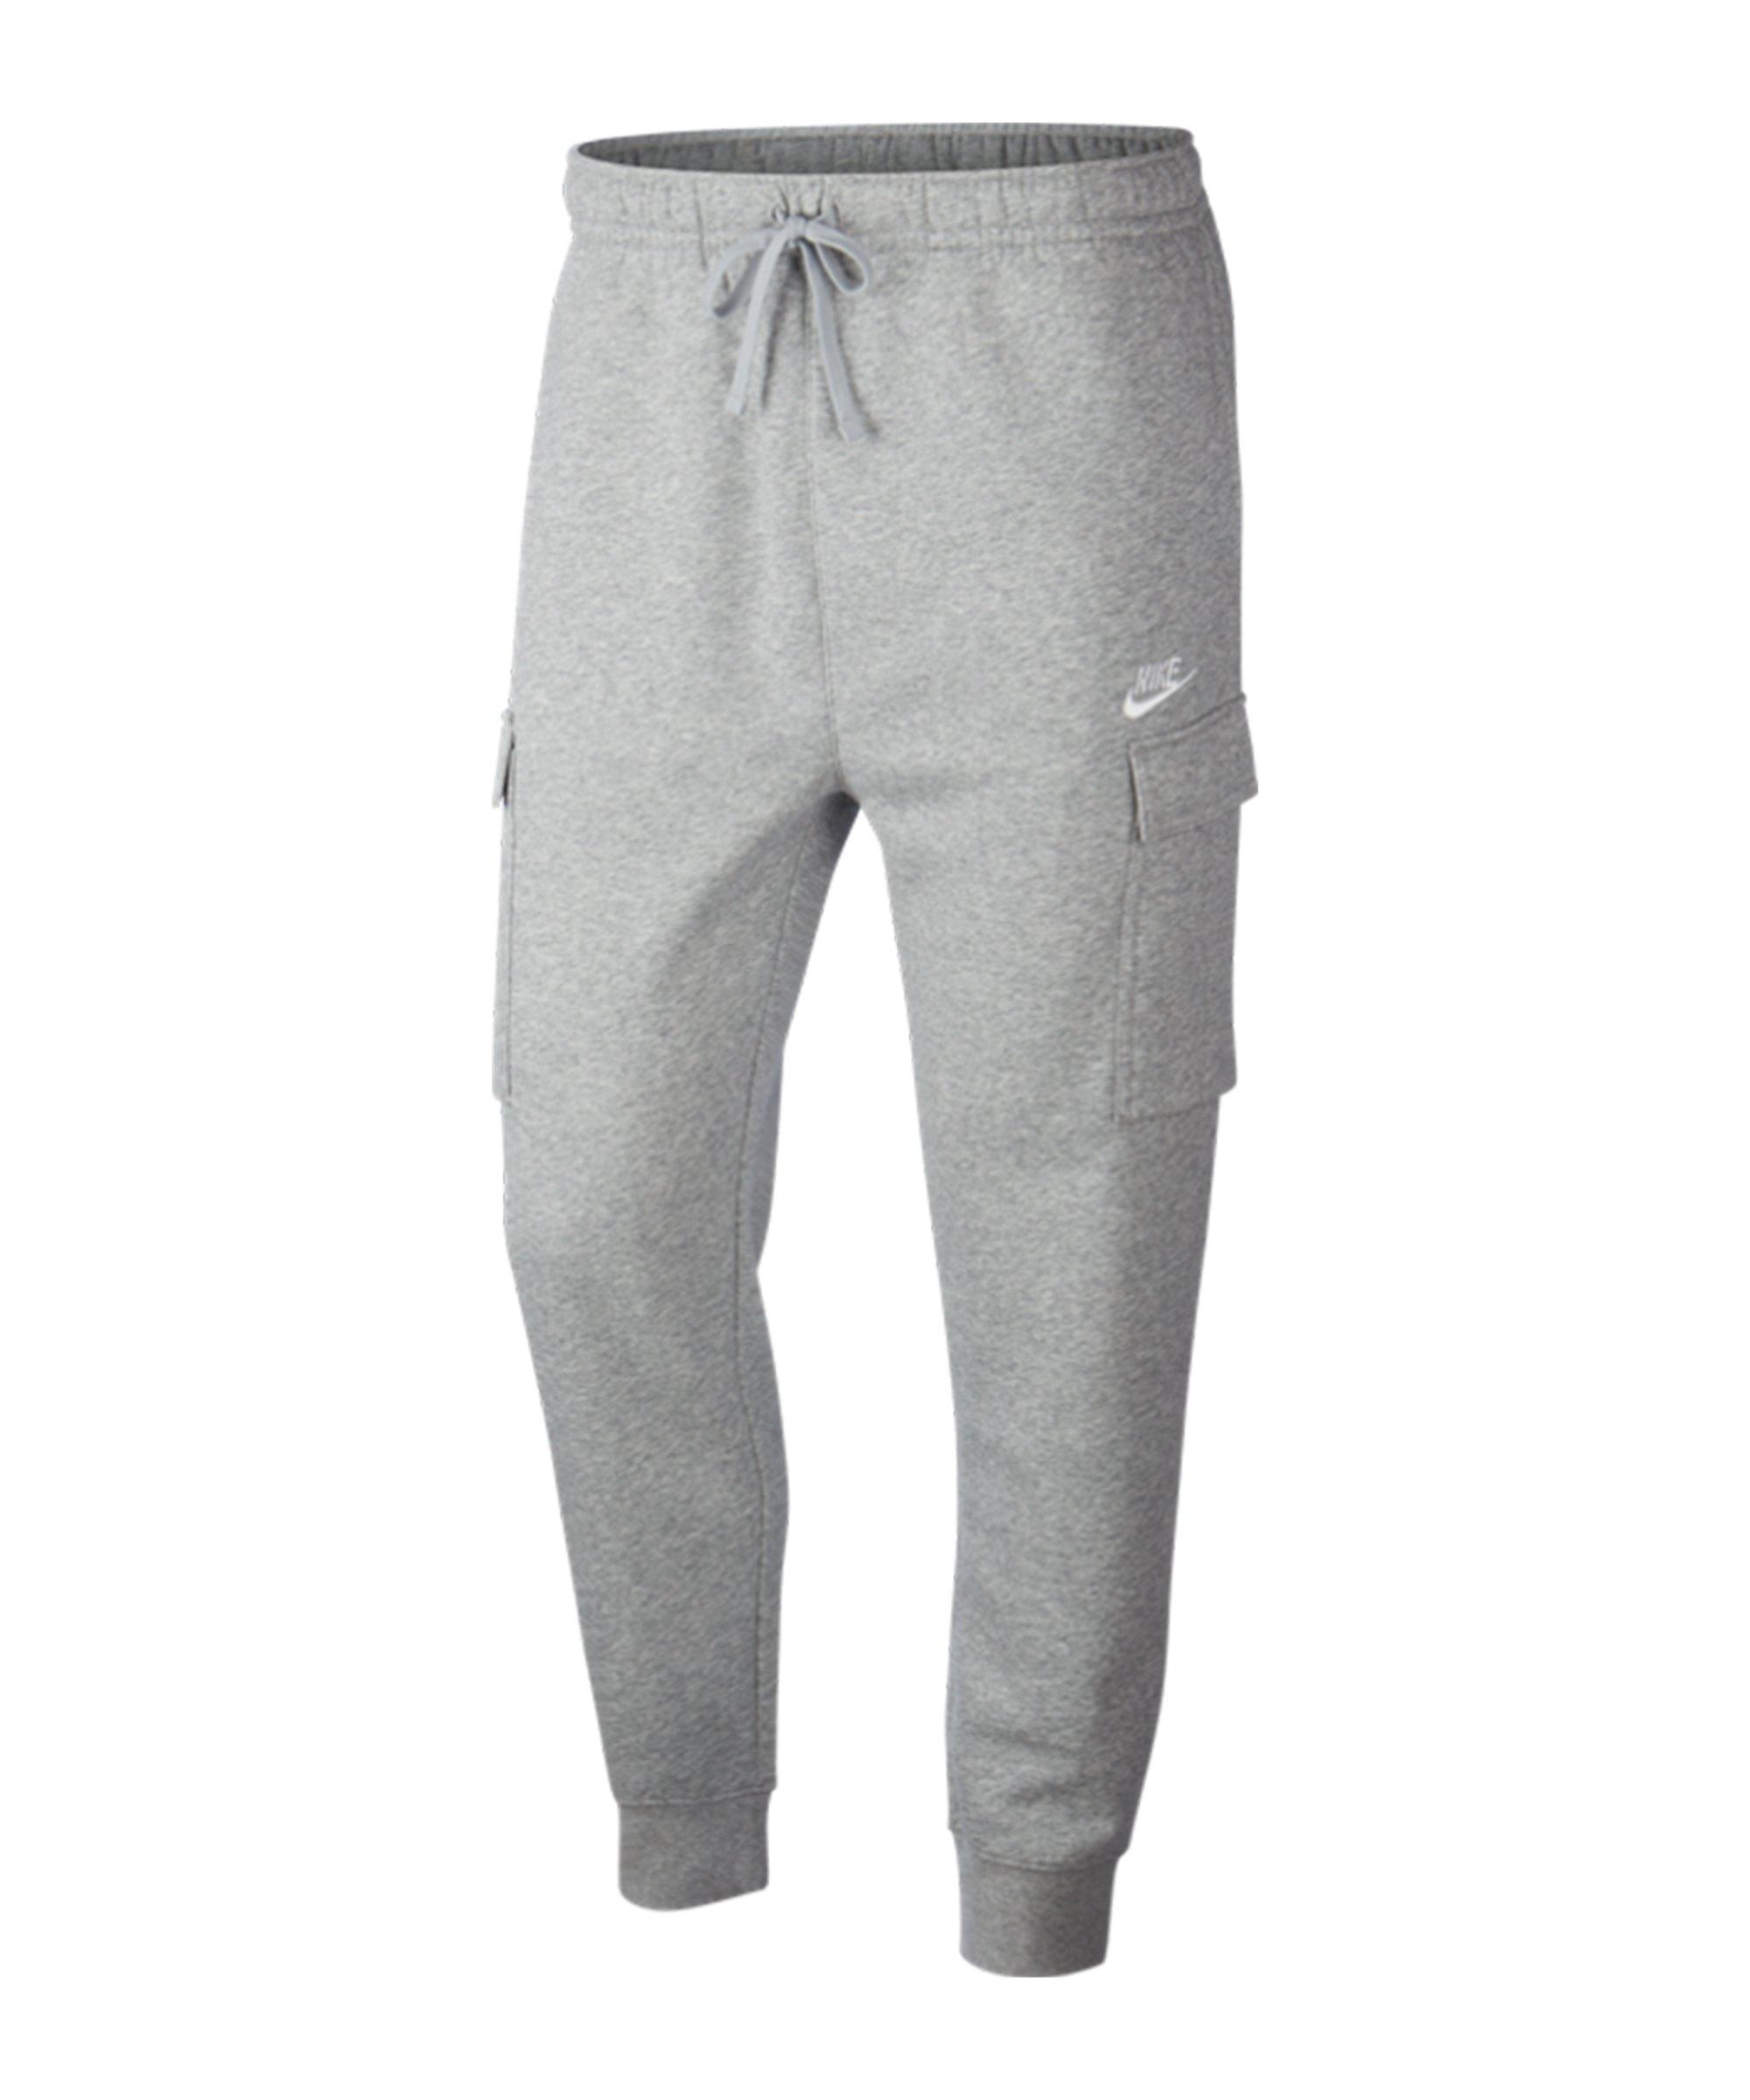 Nike Club Cargo Pant Grau F063 - grau